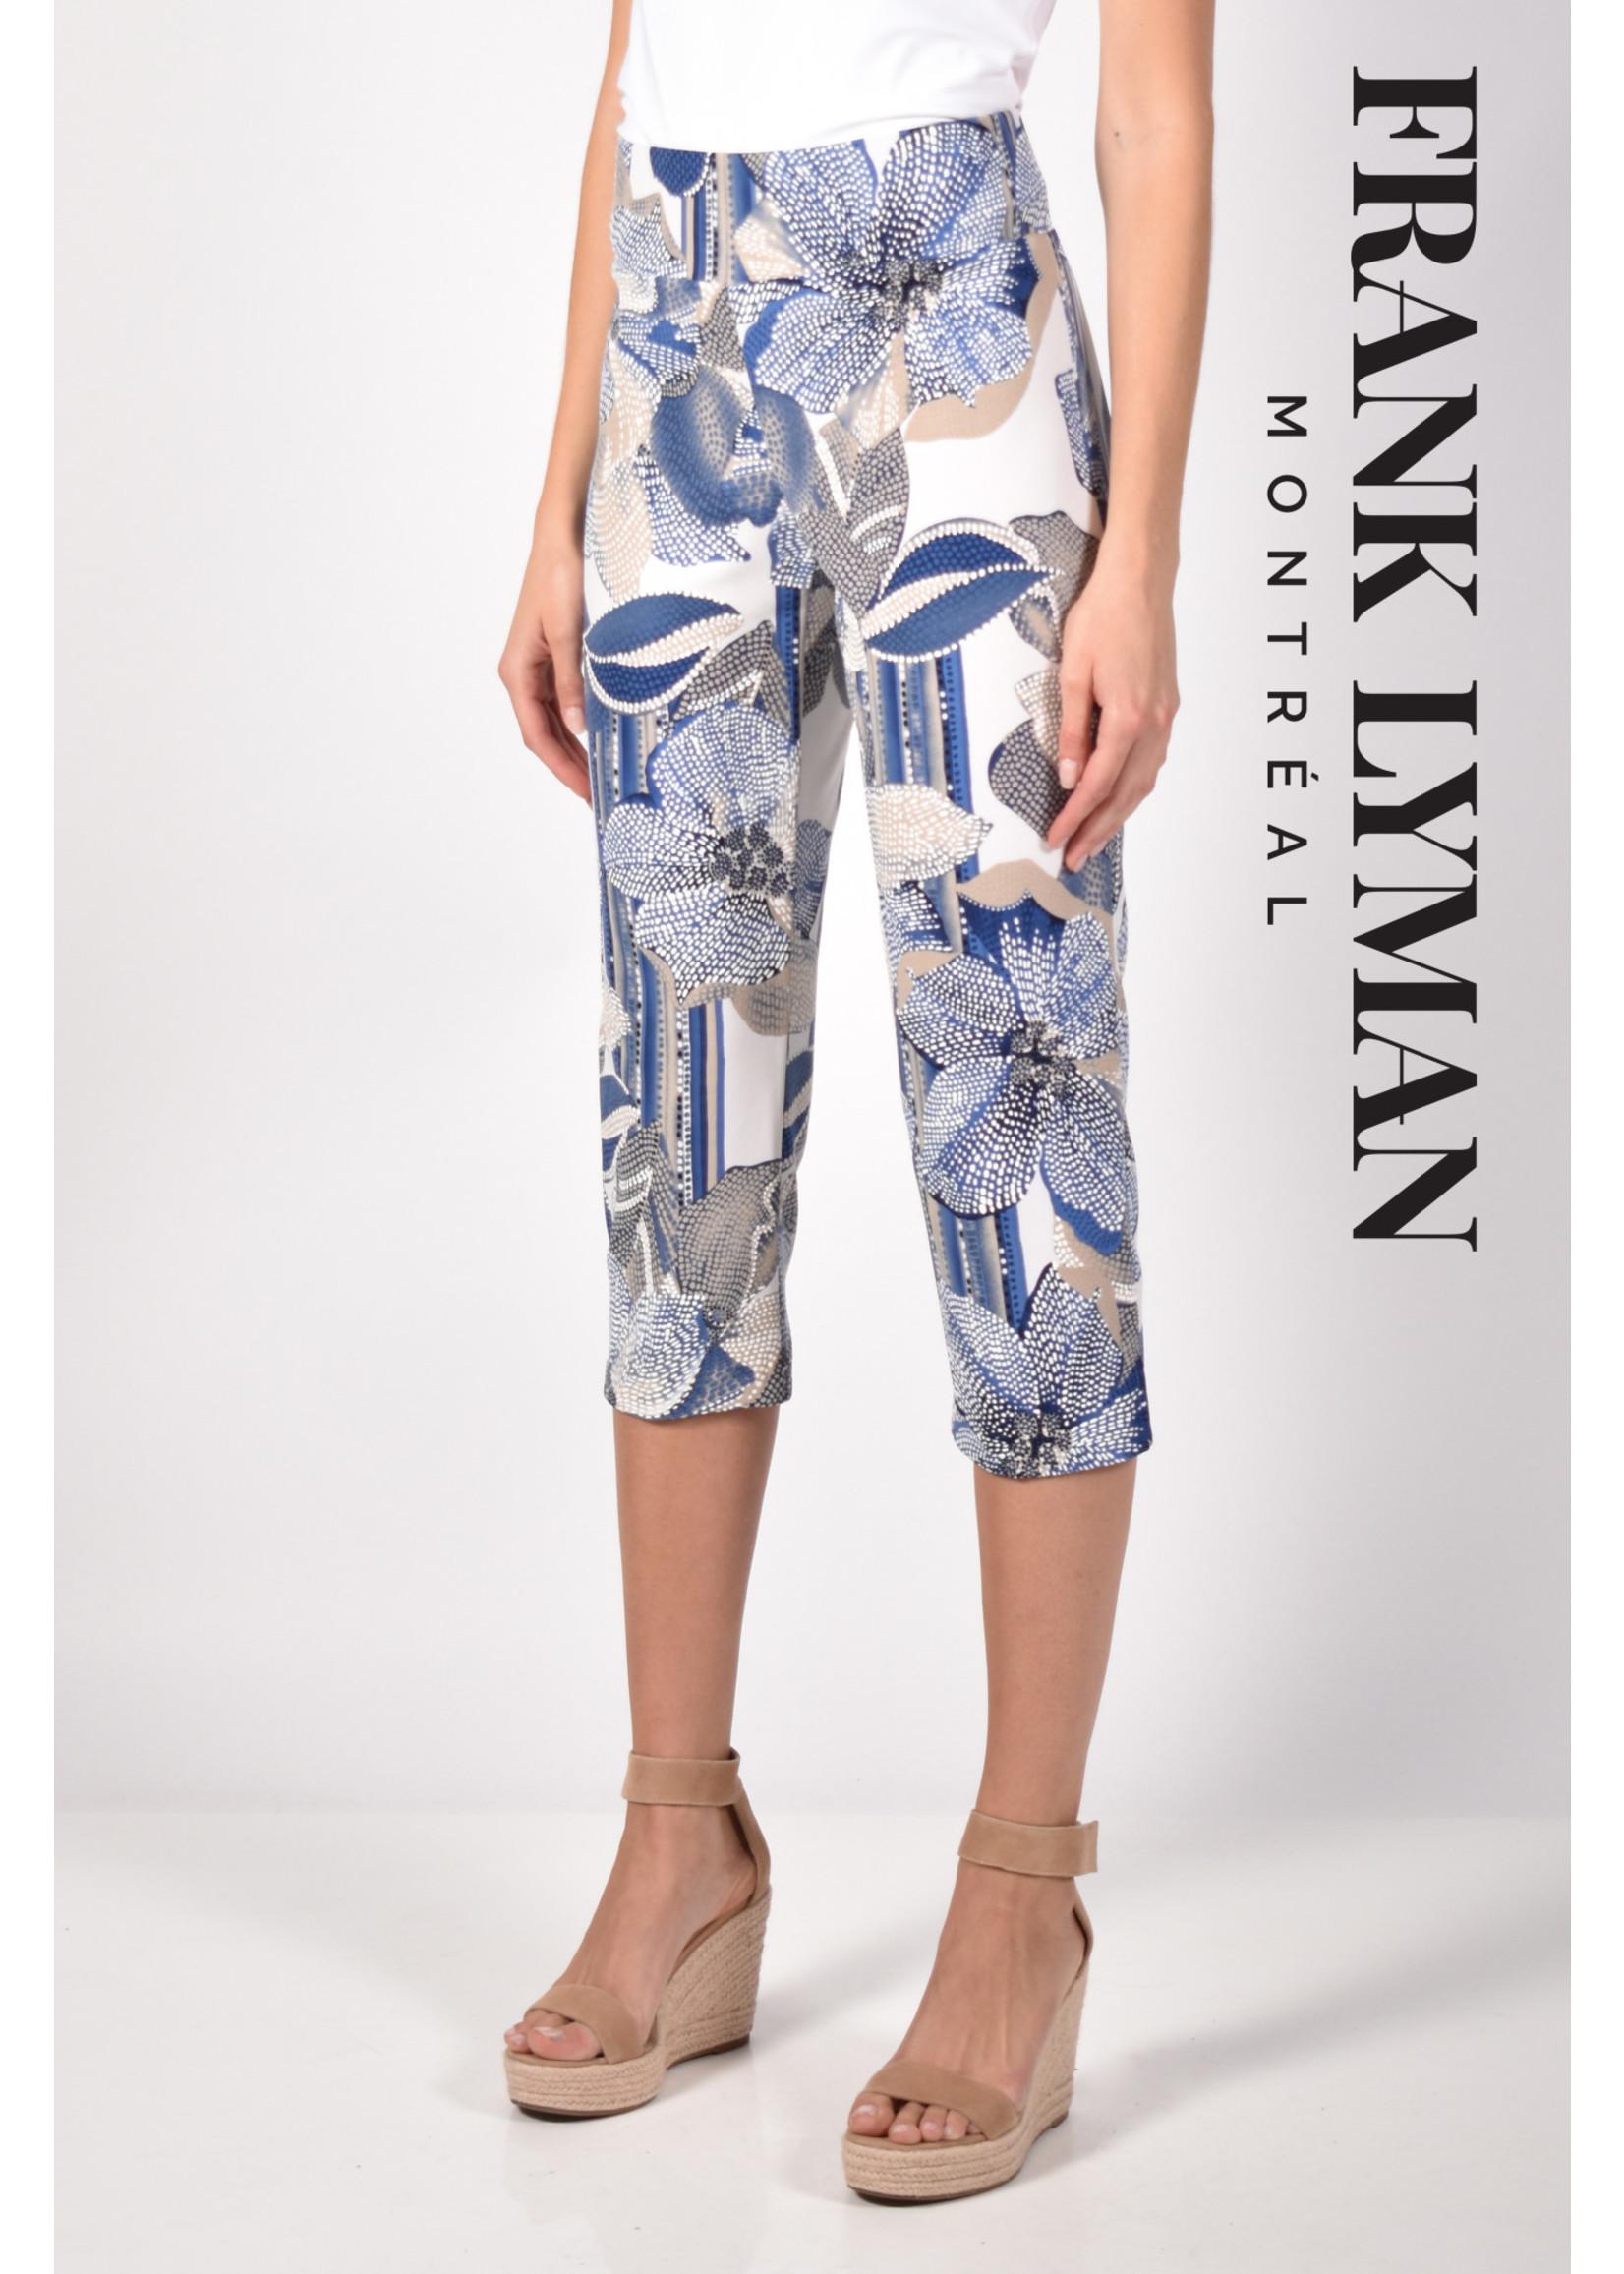 Frank Lyman Blue & Beige Knit Capri